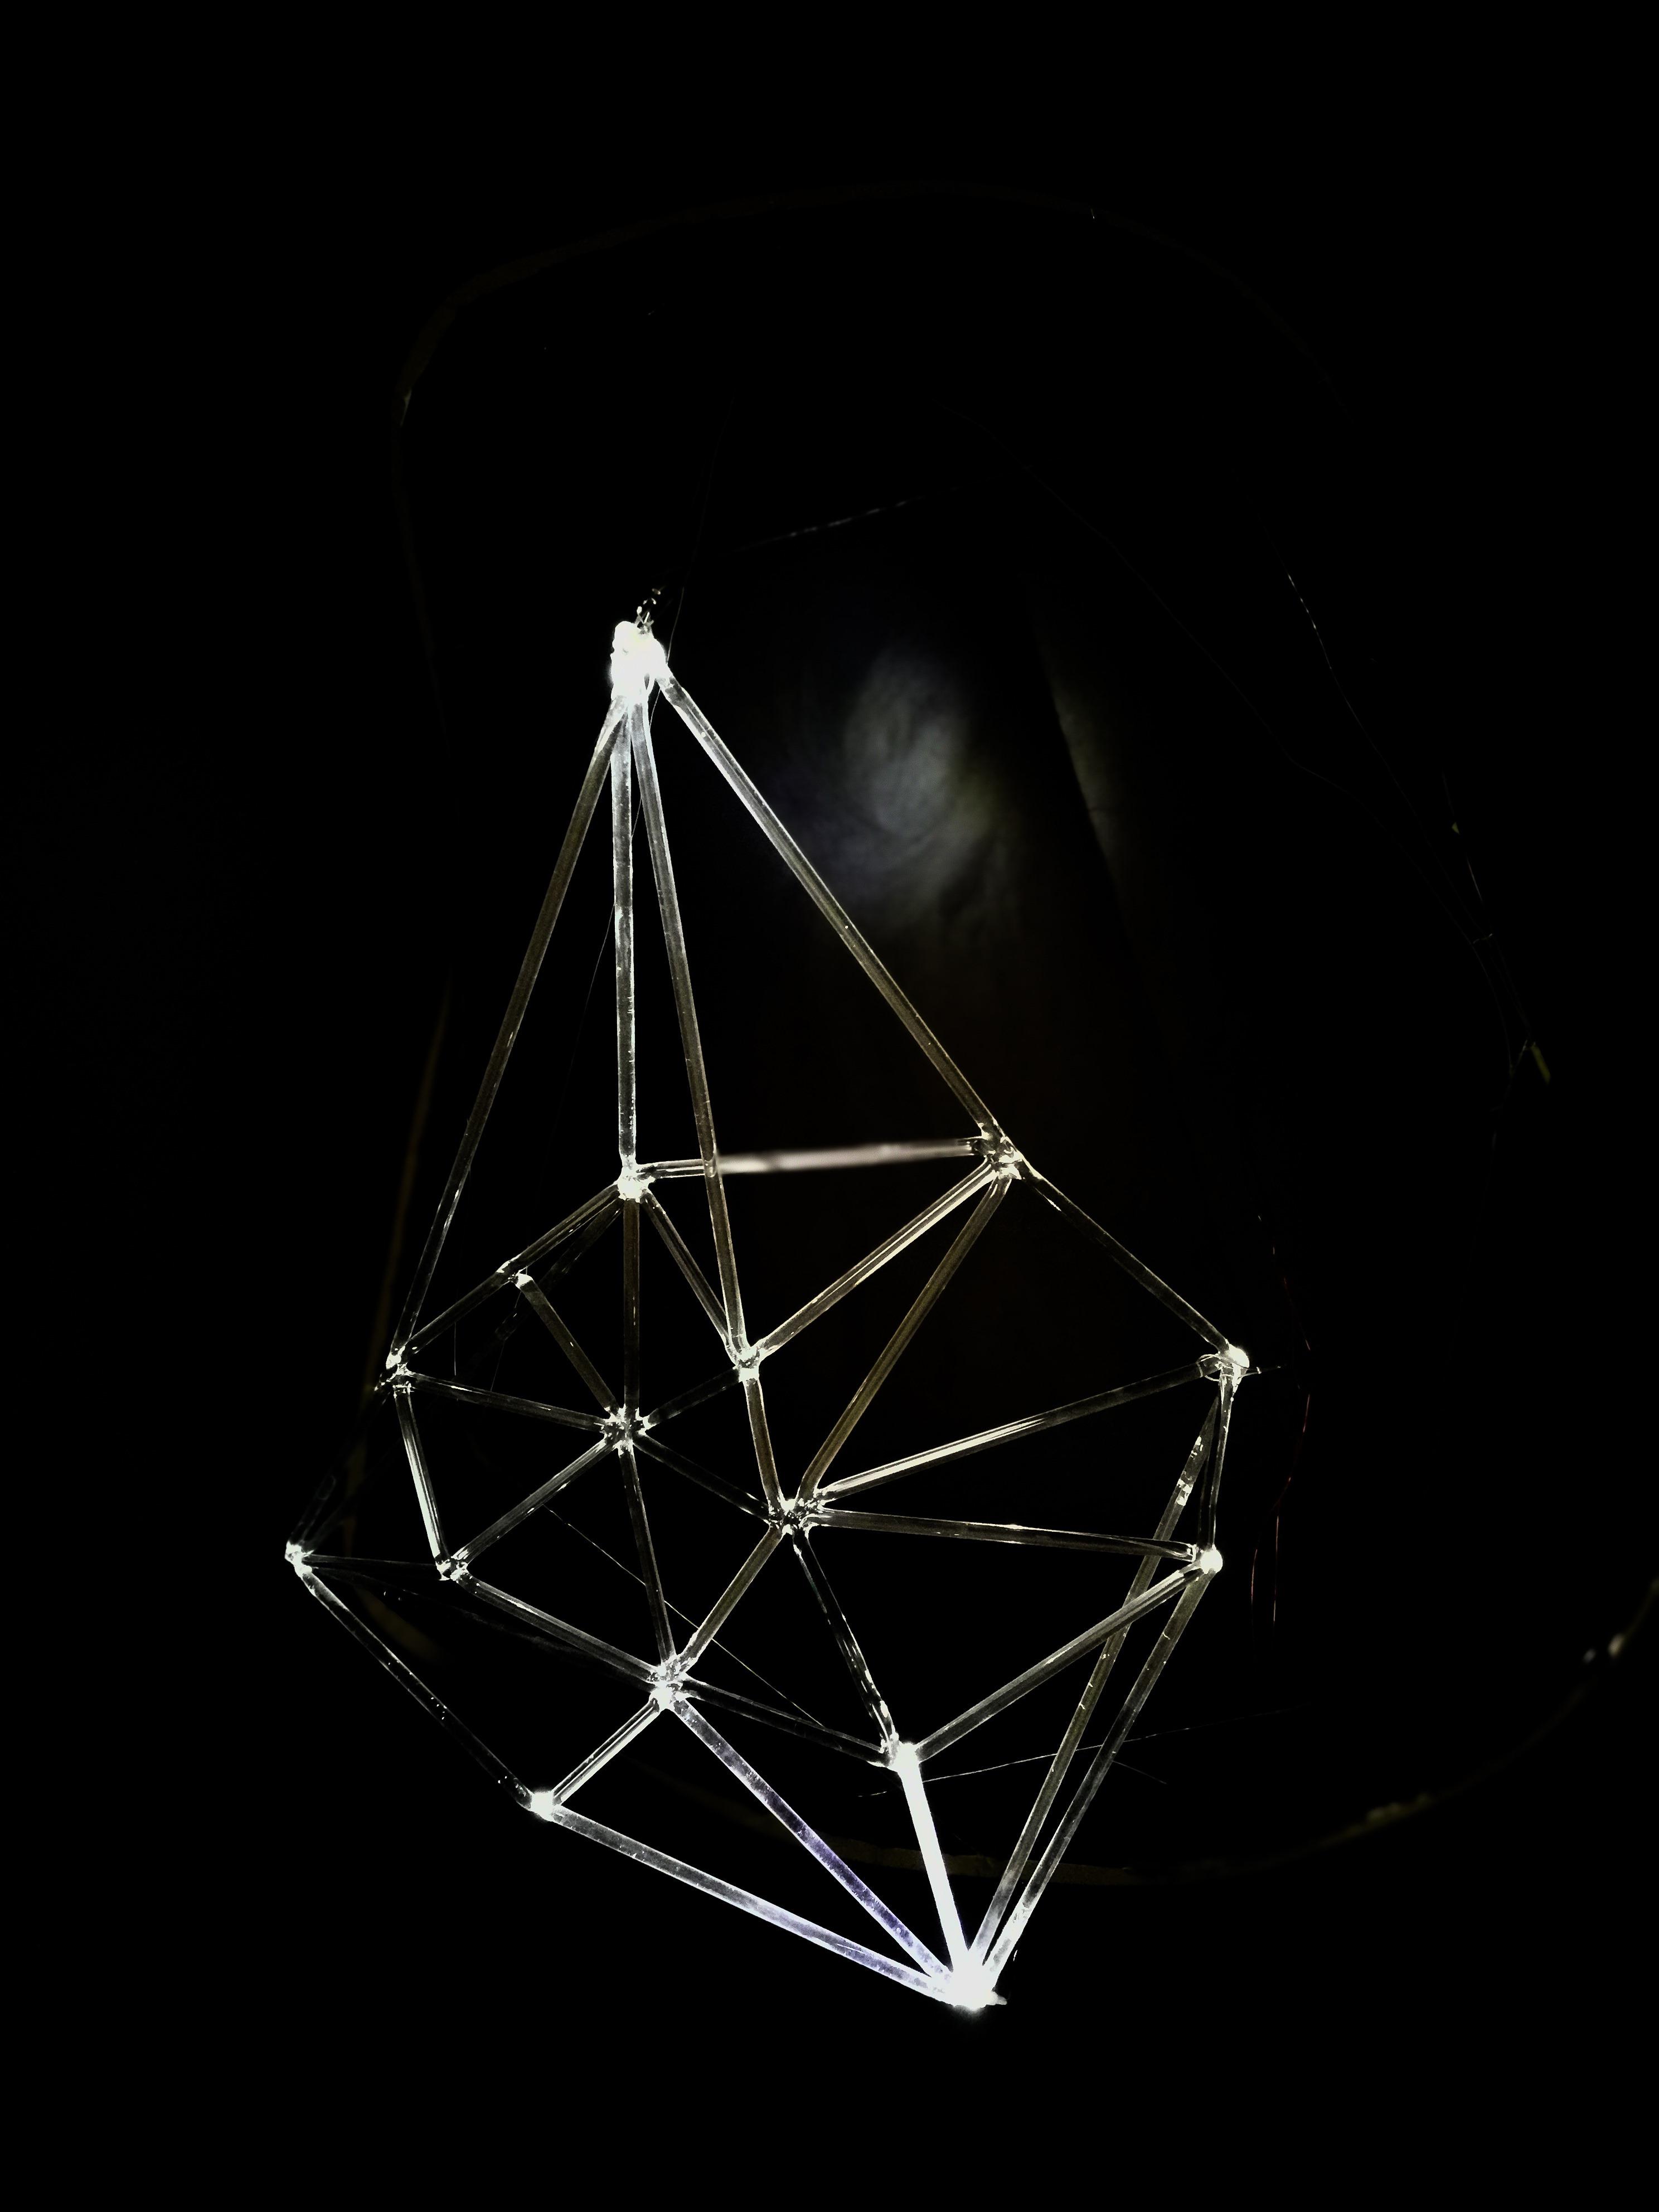 Rzeźba/lampa z prętów szklanych - technika lampworking